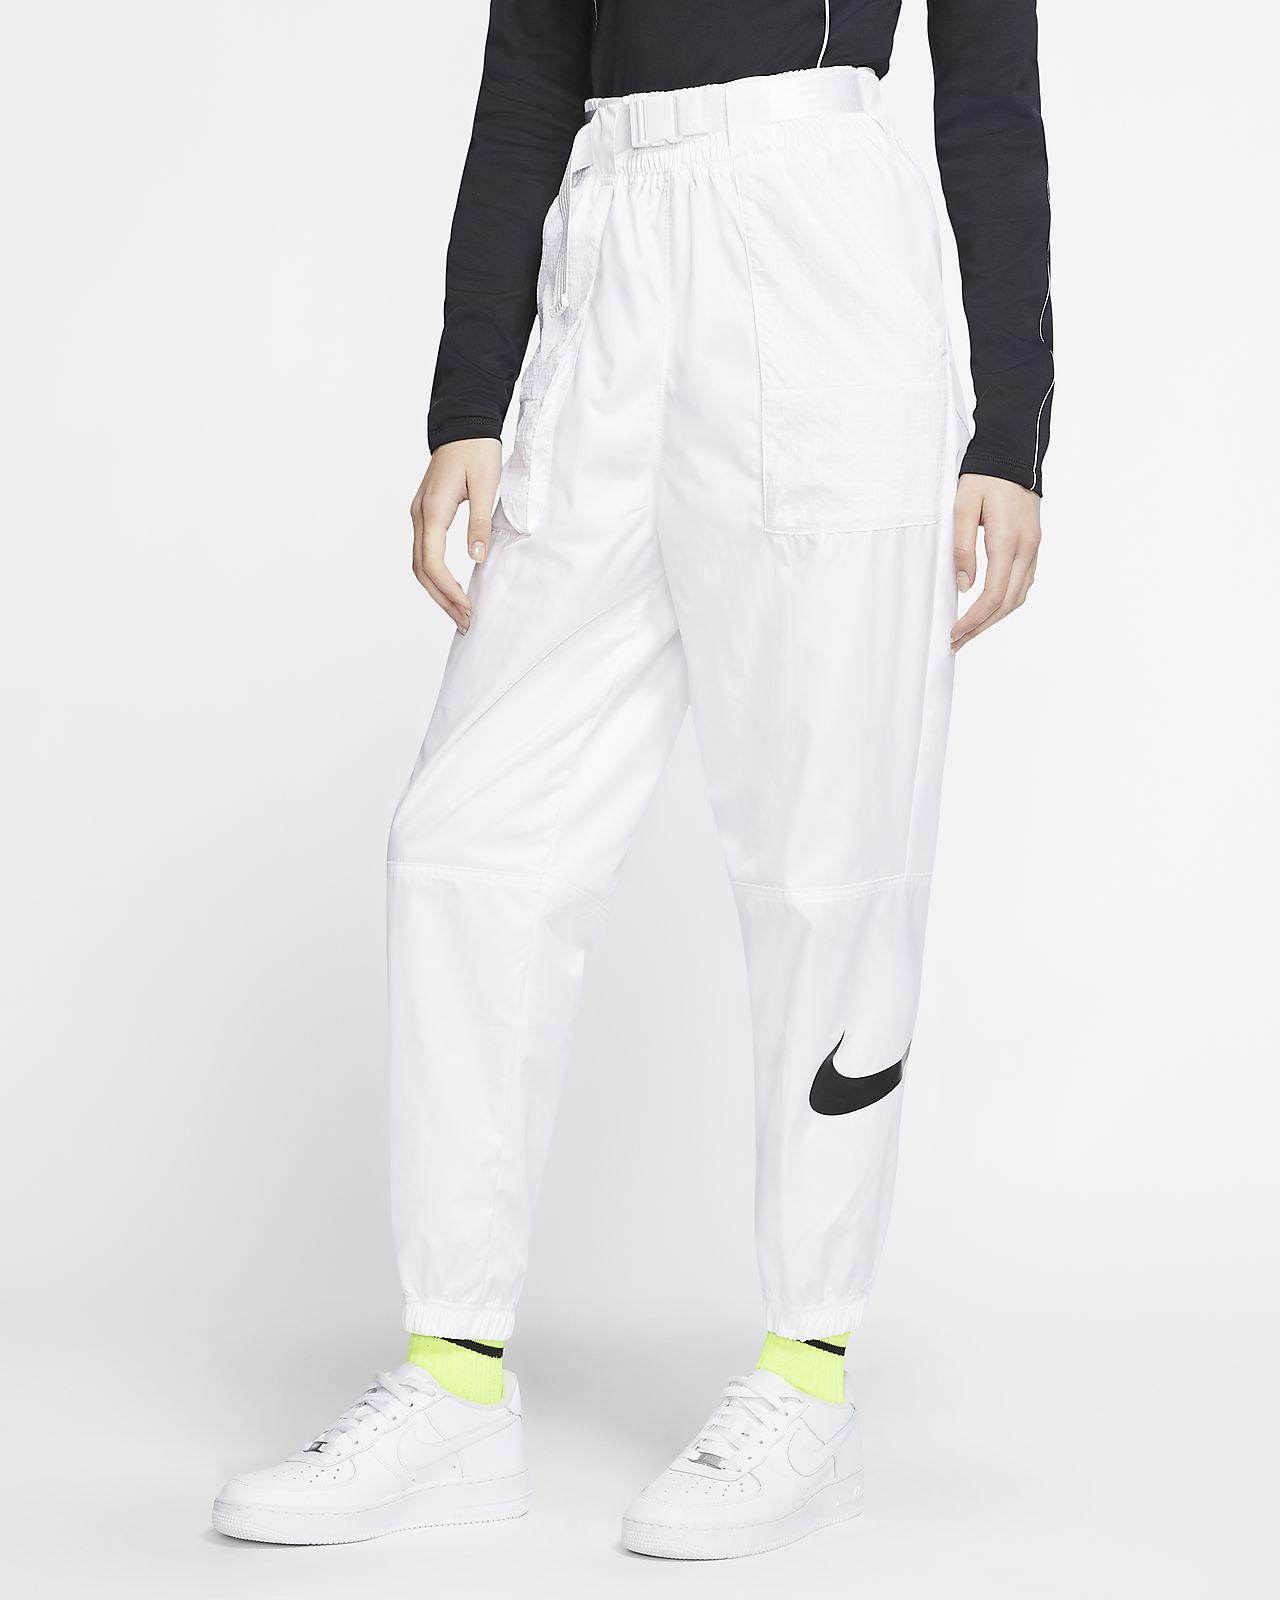 Nike Sportswear Women's Woven Swoosh Pants